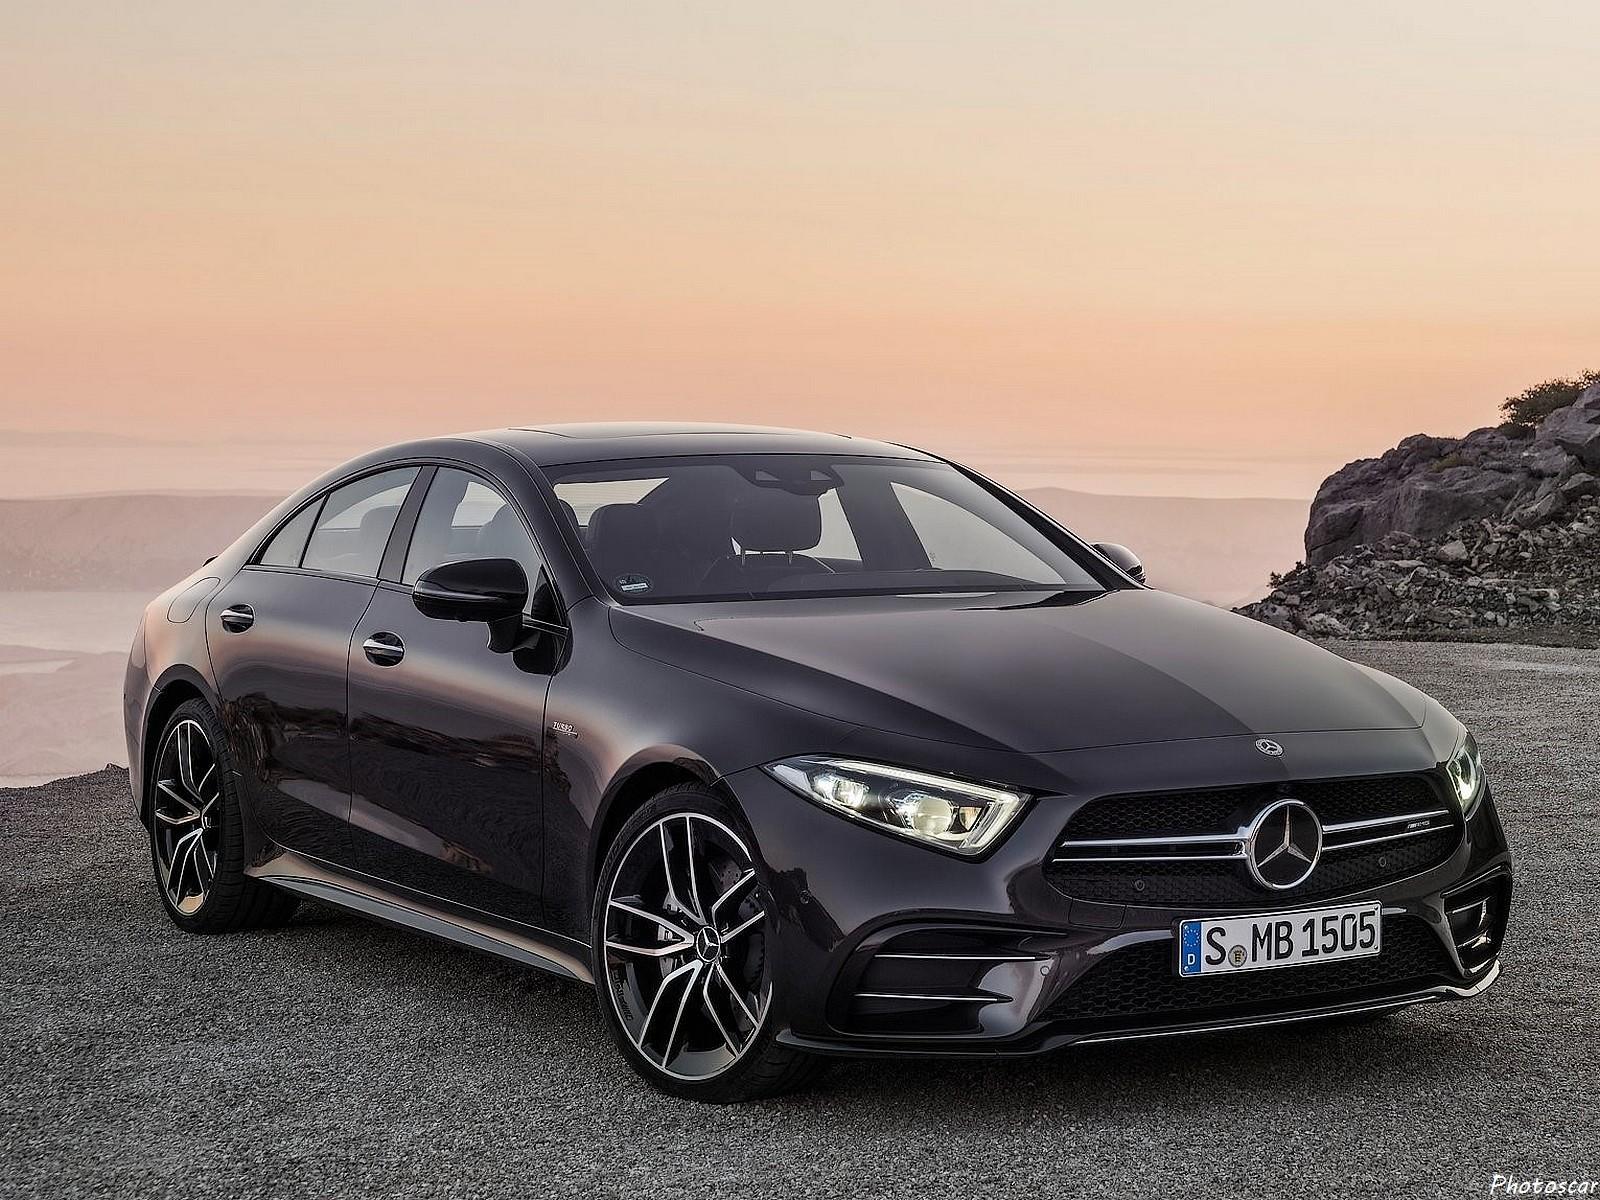 Mercedes AMG CLS 53 2019: Intérieur luxueux et des sièges sur mesure